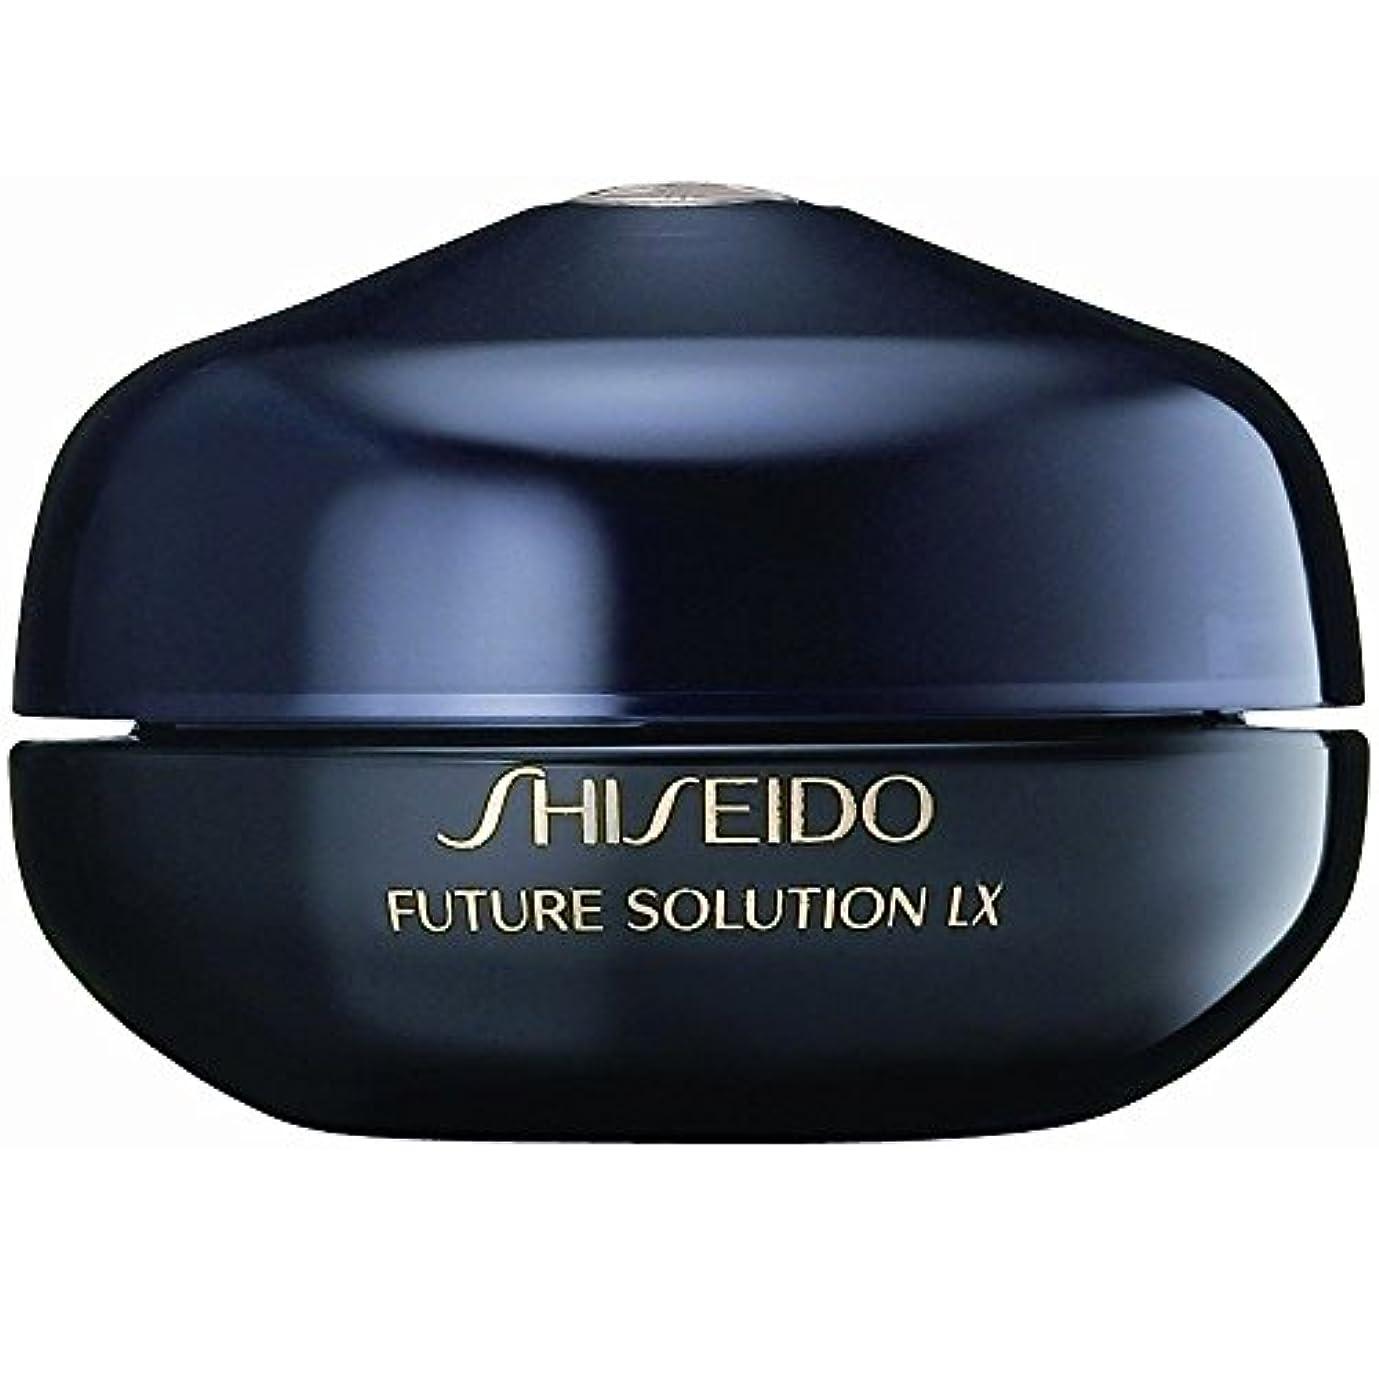 モチーフ不均一耐えられない[Shiseido] 資生堂フューチャーソリューションLxの目と唇の輪郭再生クリーム15Ml - Shiseido Future Solution Lx Eye And Lip Contour Regenerating...